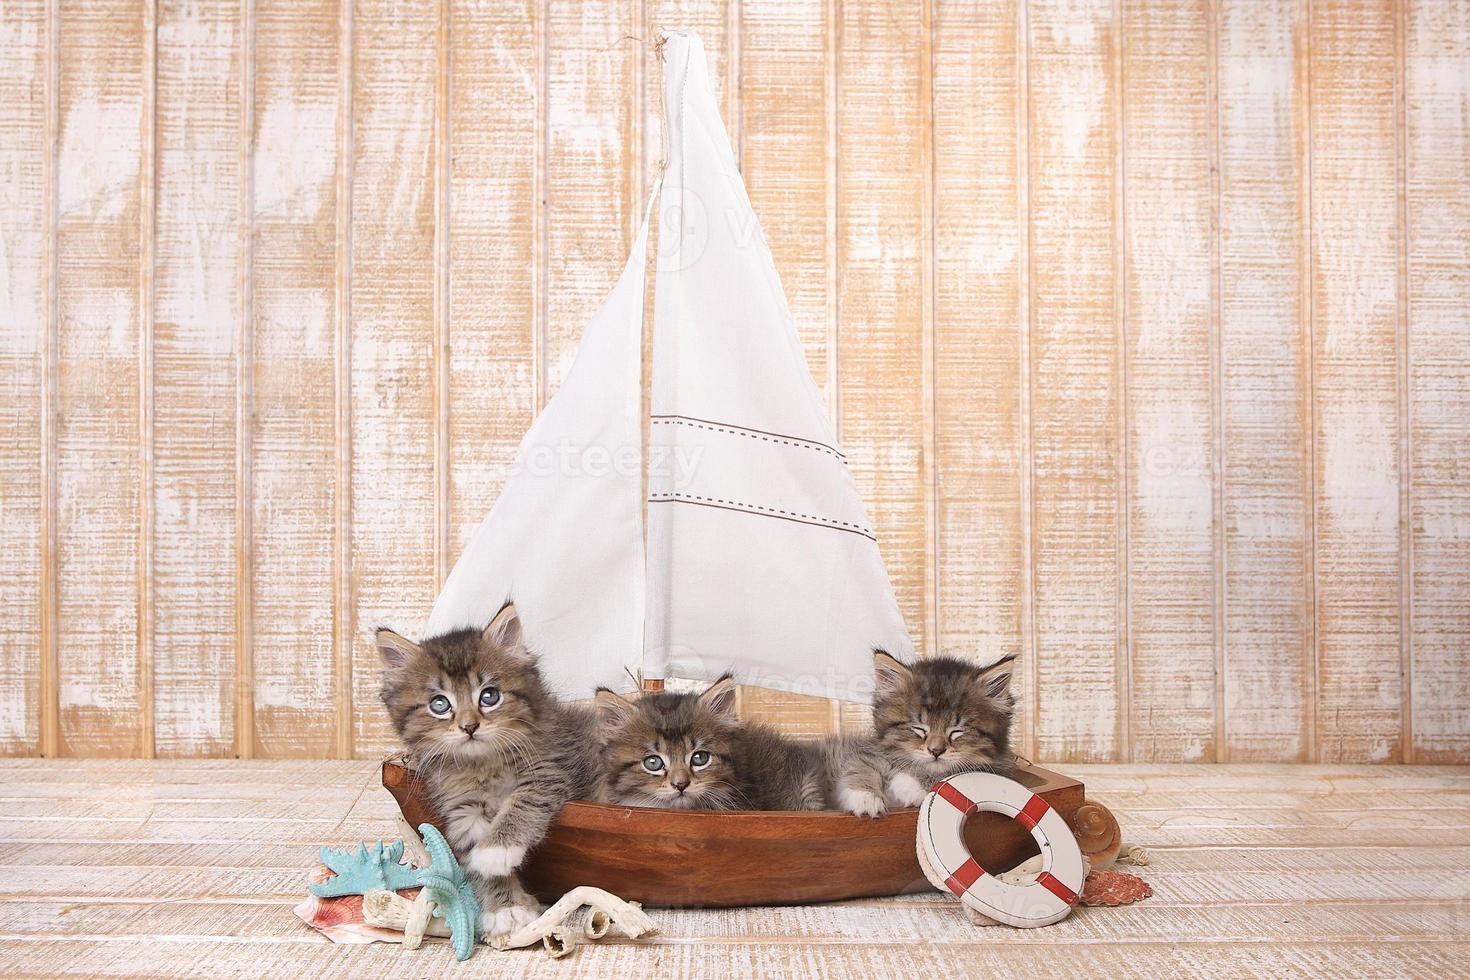 süße Kätzchen in einem Segelboot mit Ozeanmotiv foto